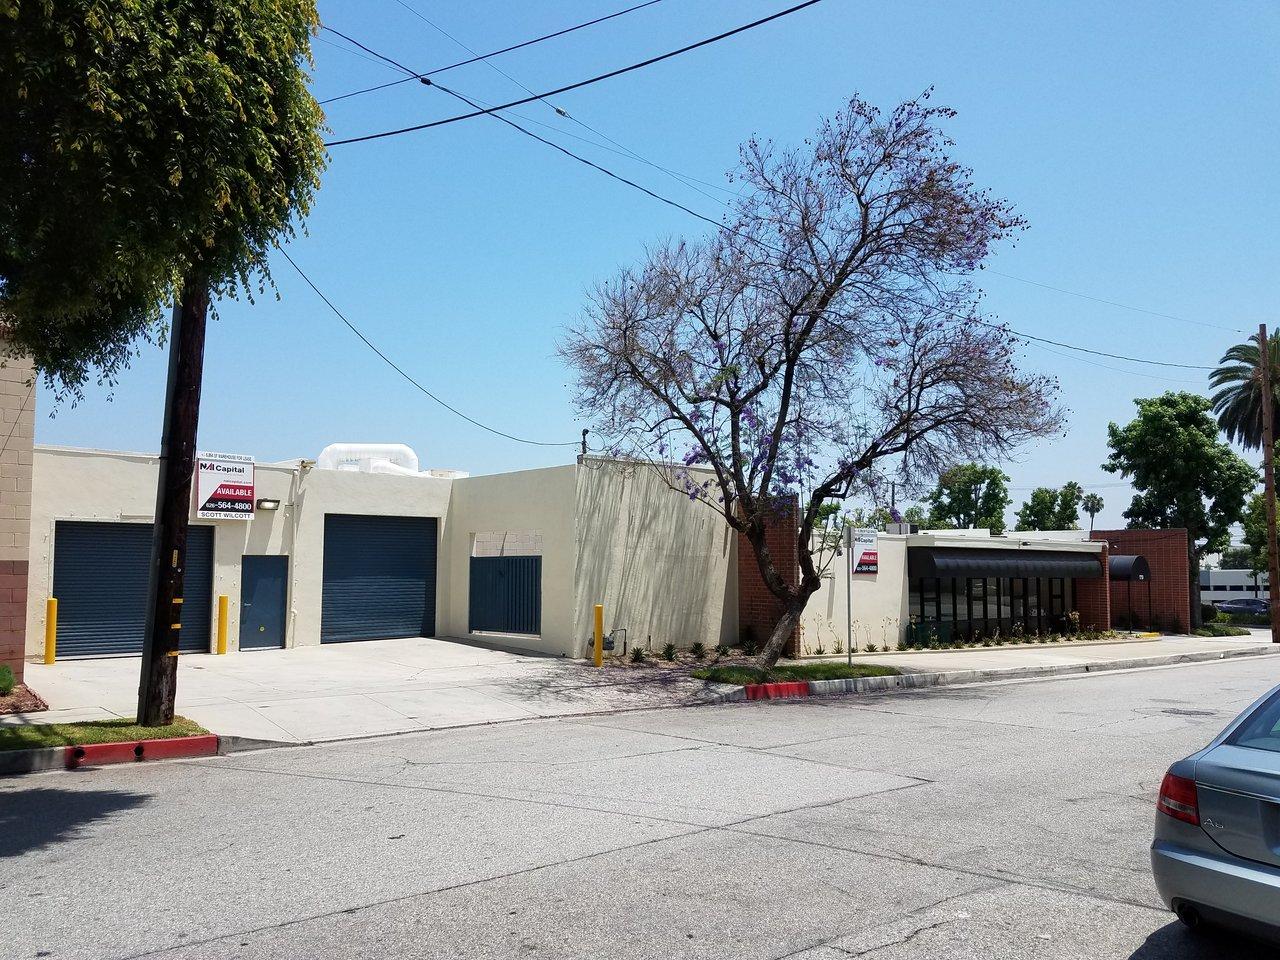 170-180 N Daisy Ave, Pasadena, CA, 91107